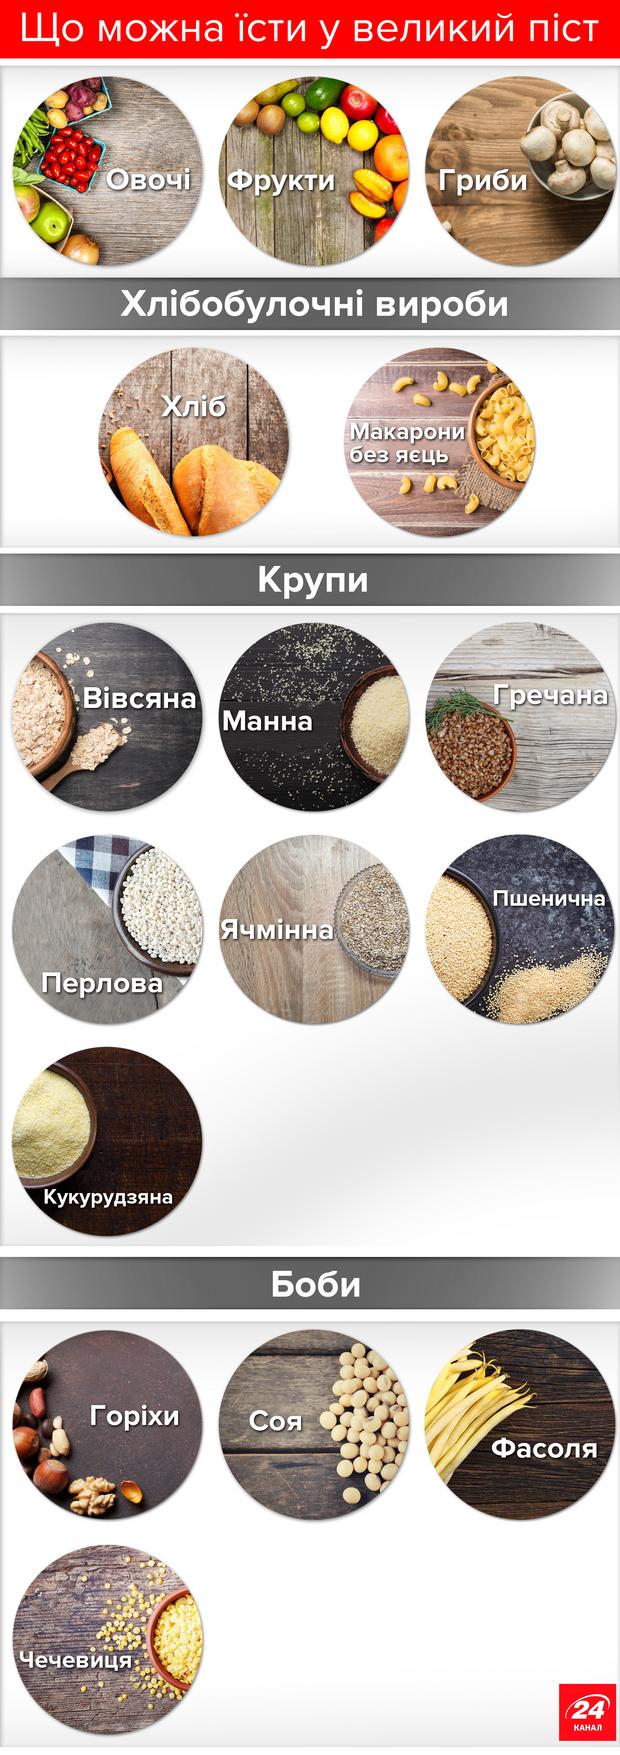 Що можна їсти у Великий піст: корисна інфографіка